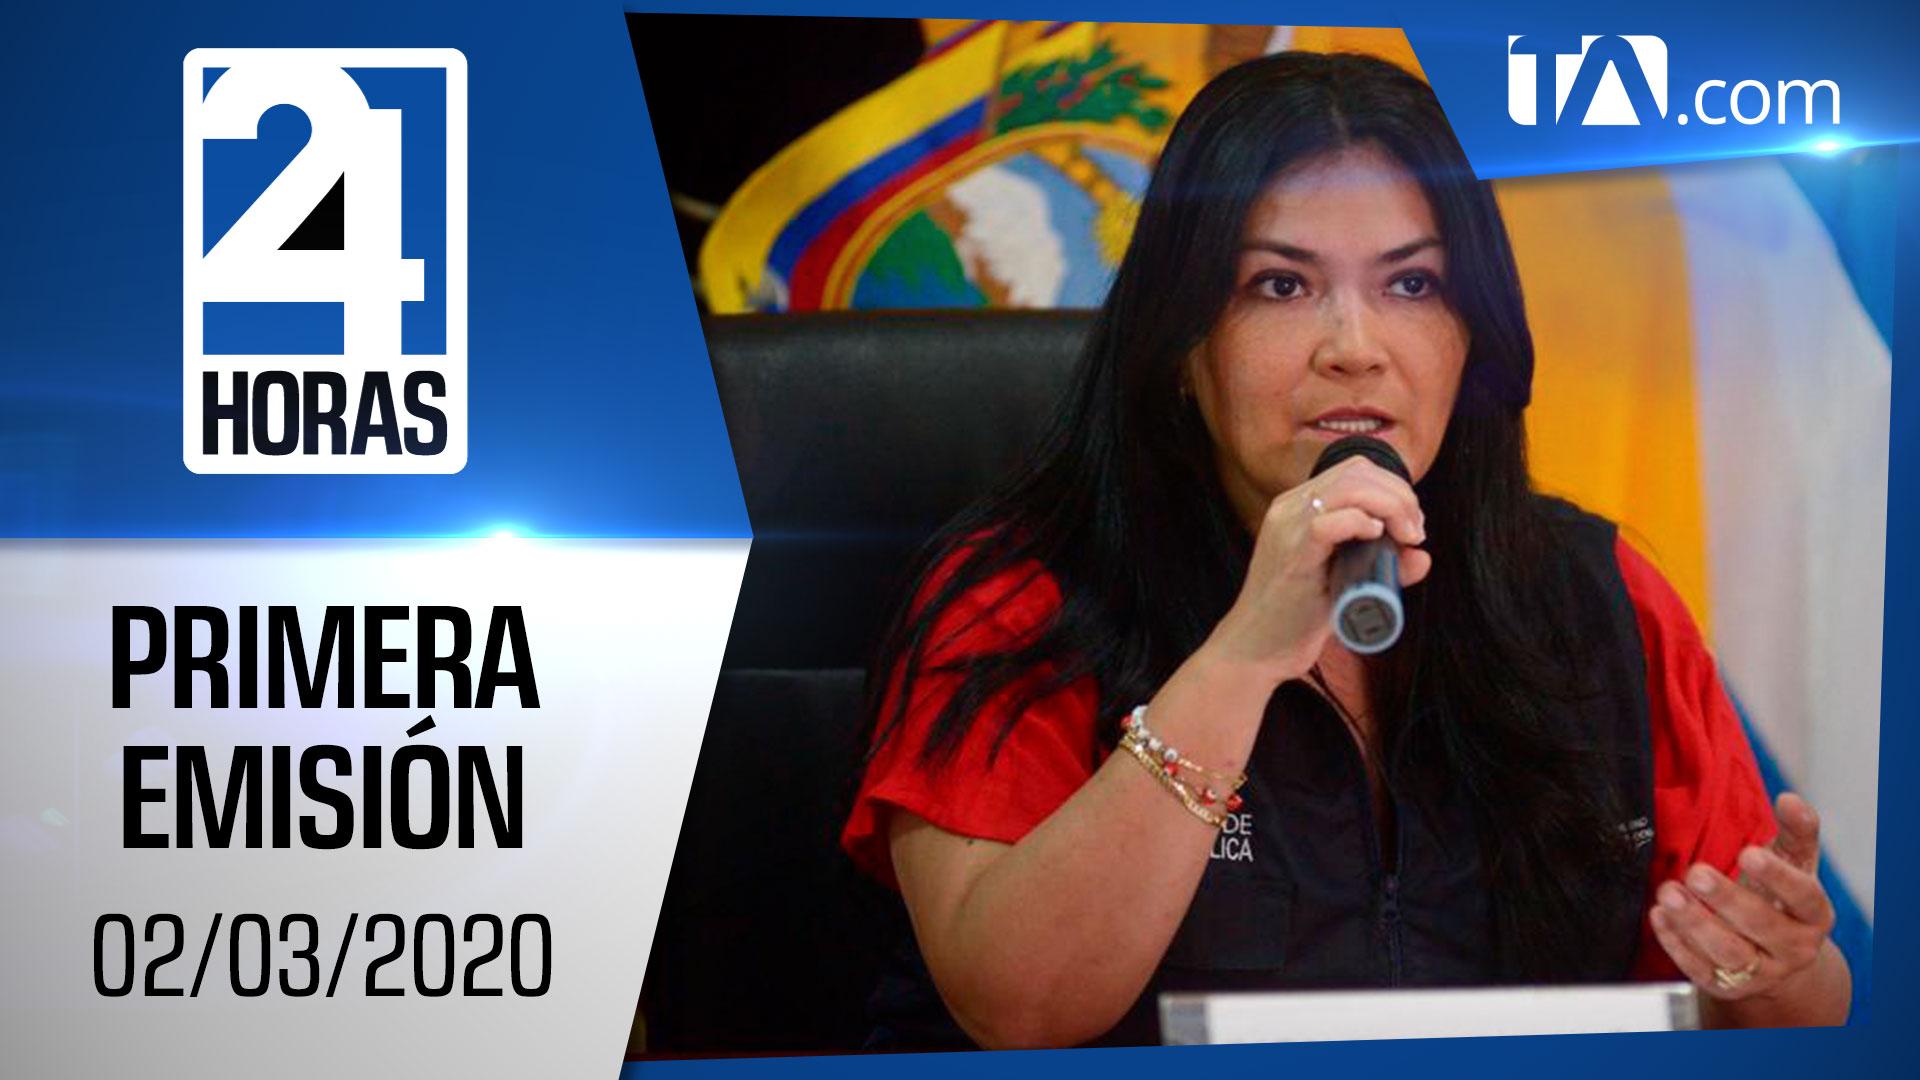 Noticias Ecuador: Noticiero 24 Horas 02/03/2020 (Primera Emisión)